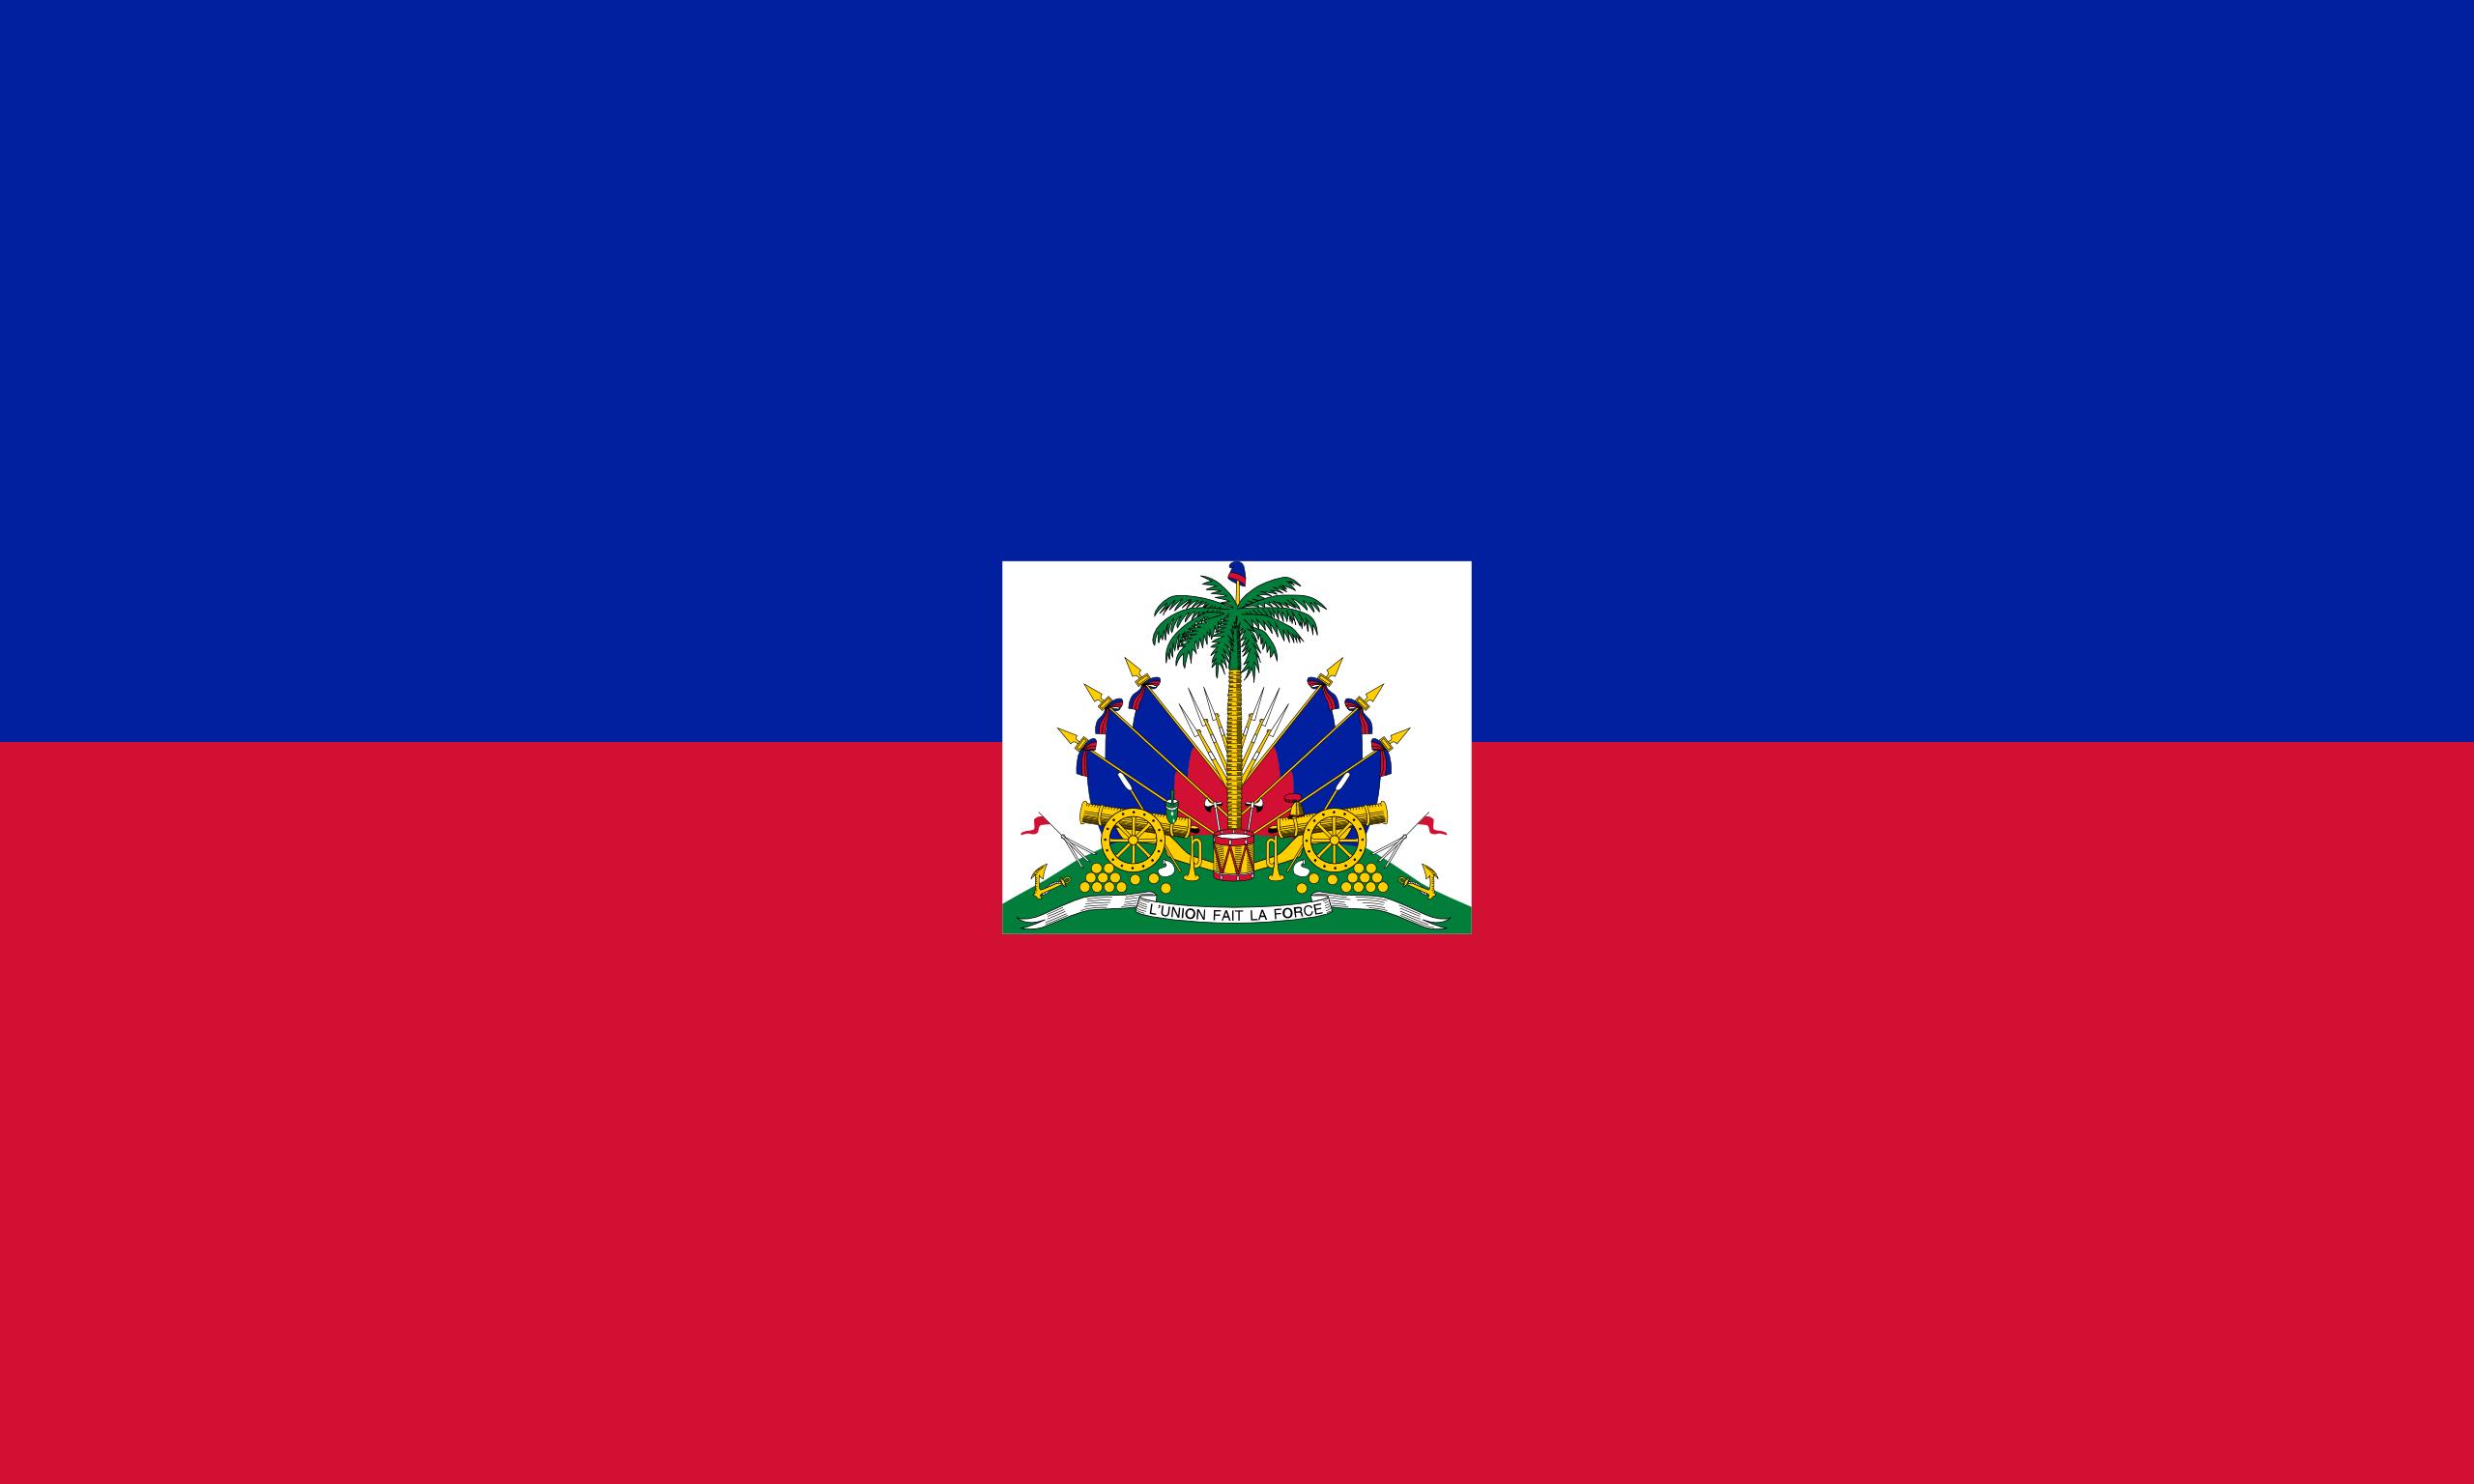 Haïti, pays, emblème, logo, symbole - Fonds d'écran HD - Professor-falken.com